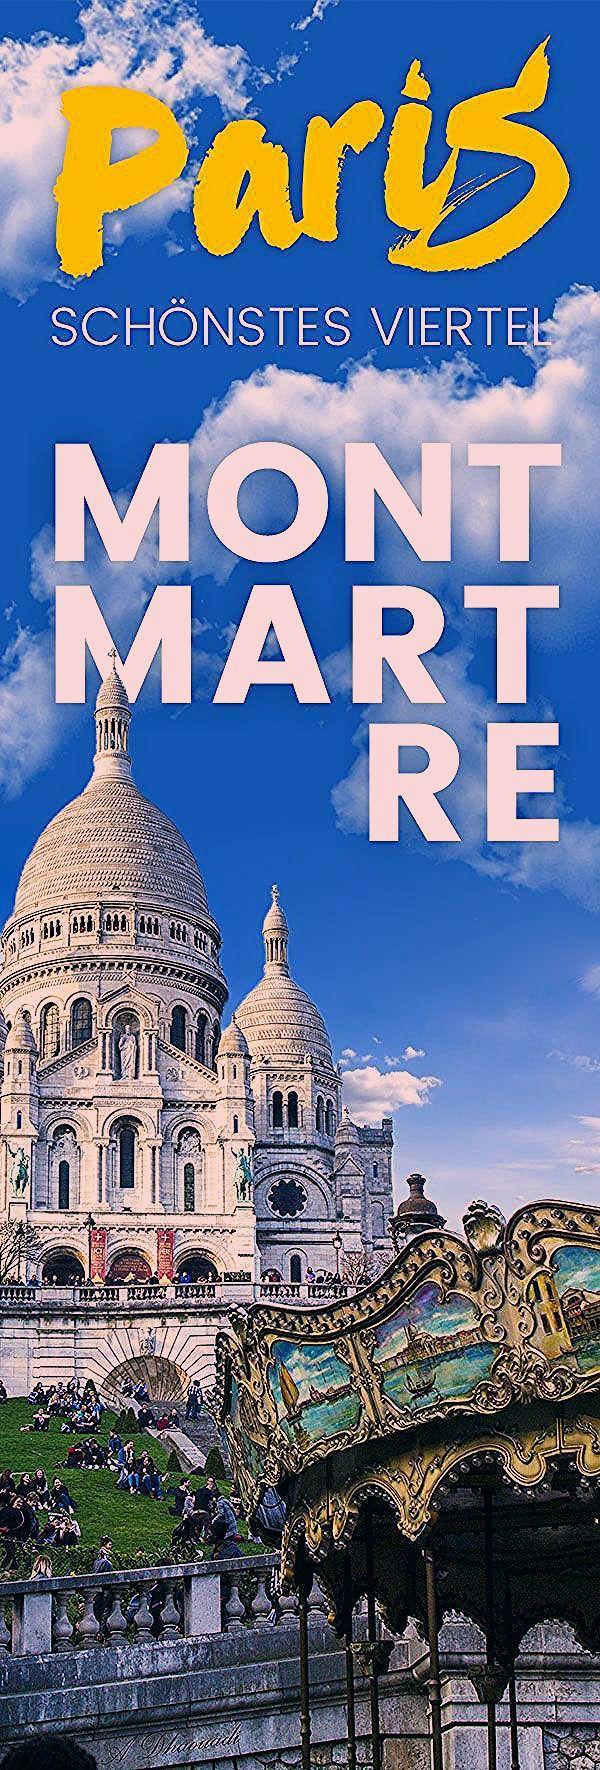 Montmartre: Paris schönstes Viertel • Tipps für einen Ausflug • RonnyRakete.de